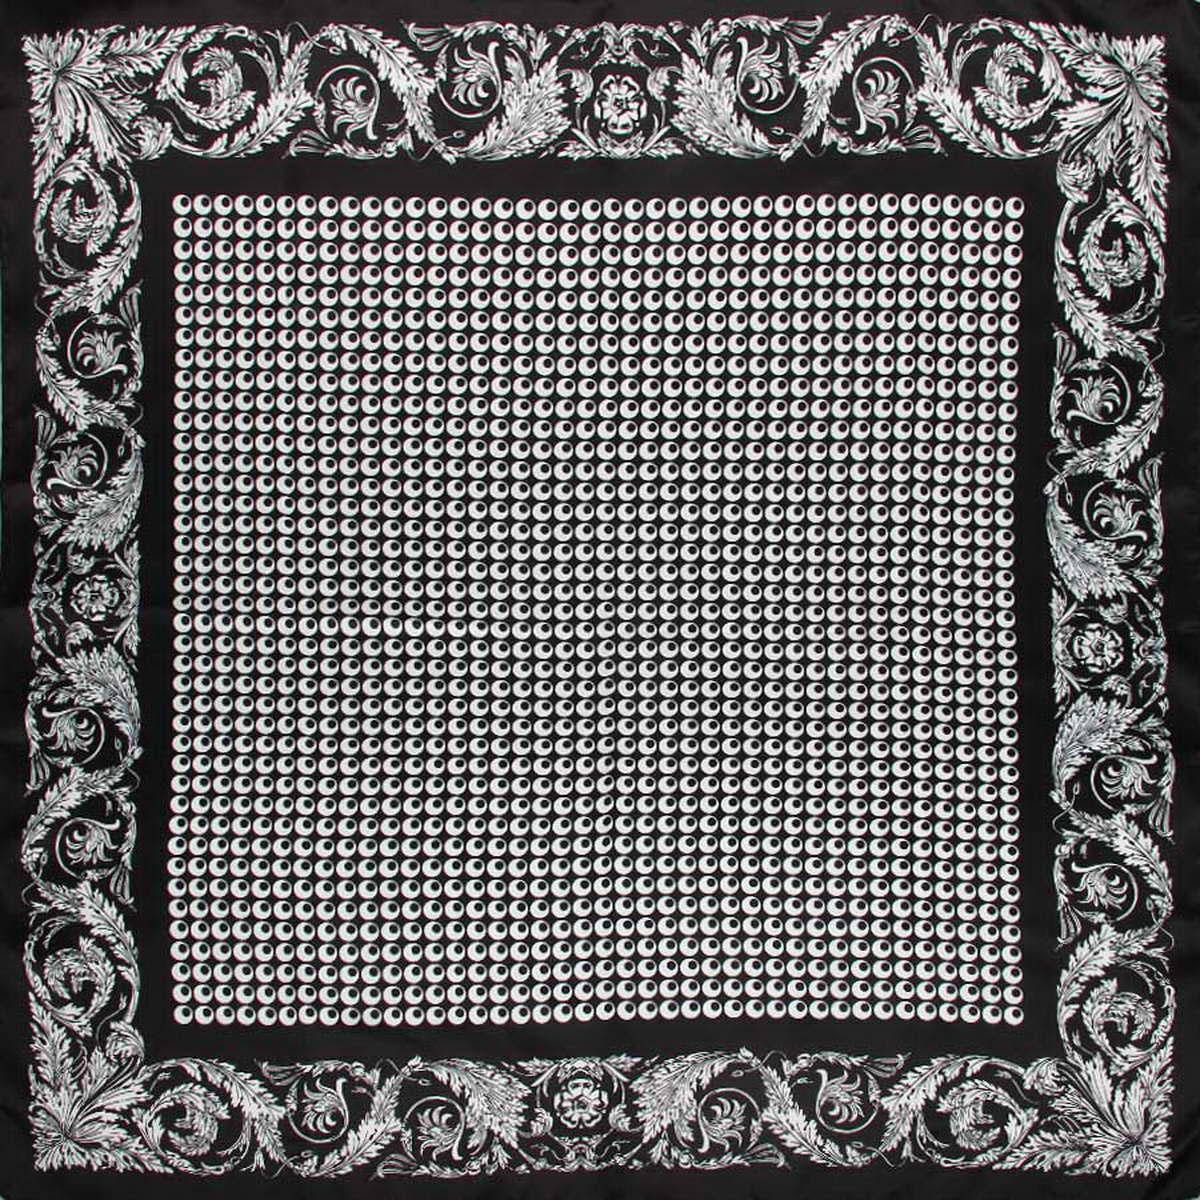 Платок3913783-11Стильный платок Venera станет отличным завершением вашего образа. Платок, выполненный из полиэстера, согреет вас в прохладную погоду, а необычный принт создаст эффектный образ и внесет изюминку в наряд. Этот модный аксессуар не оставит равнодушной ни одну современную модницу. В этом платке вы всегда будете выглядеть женственной и привлекательной.